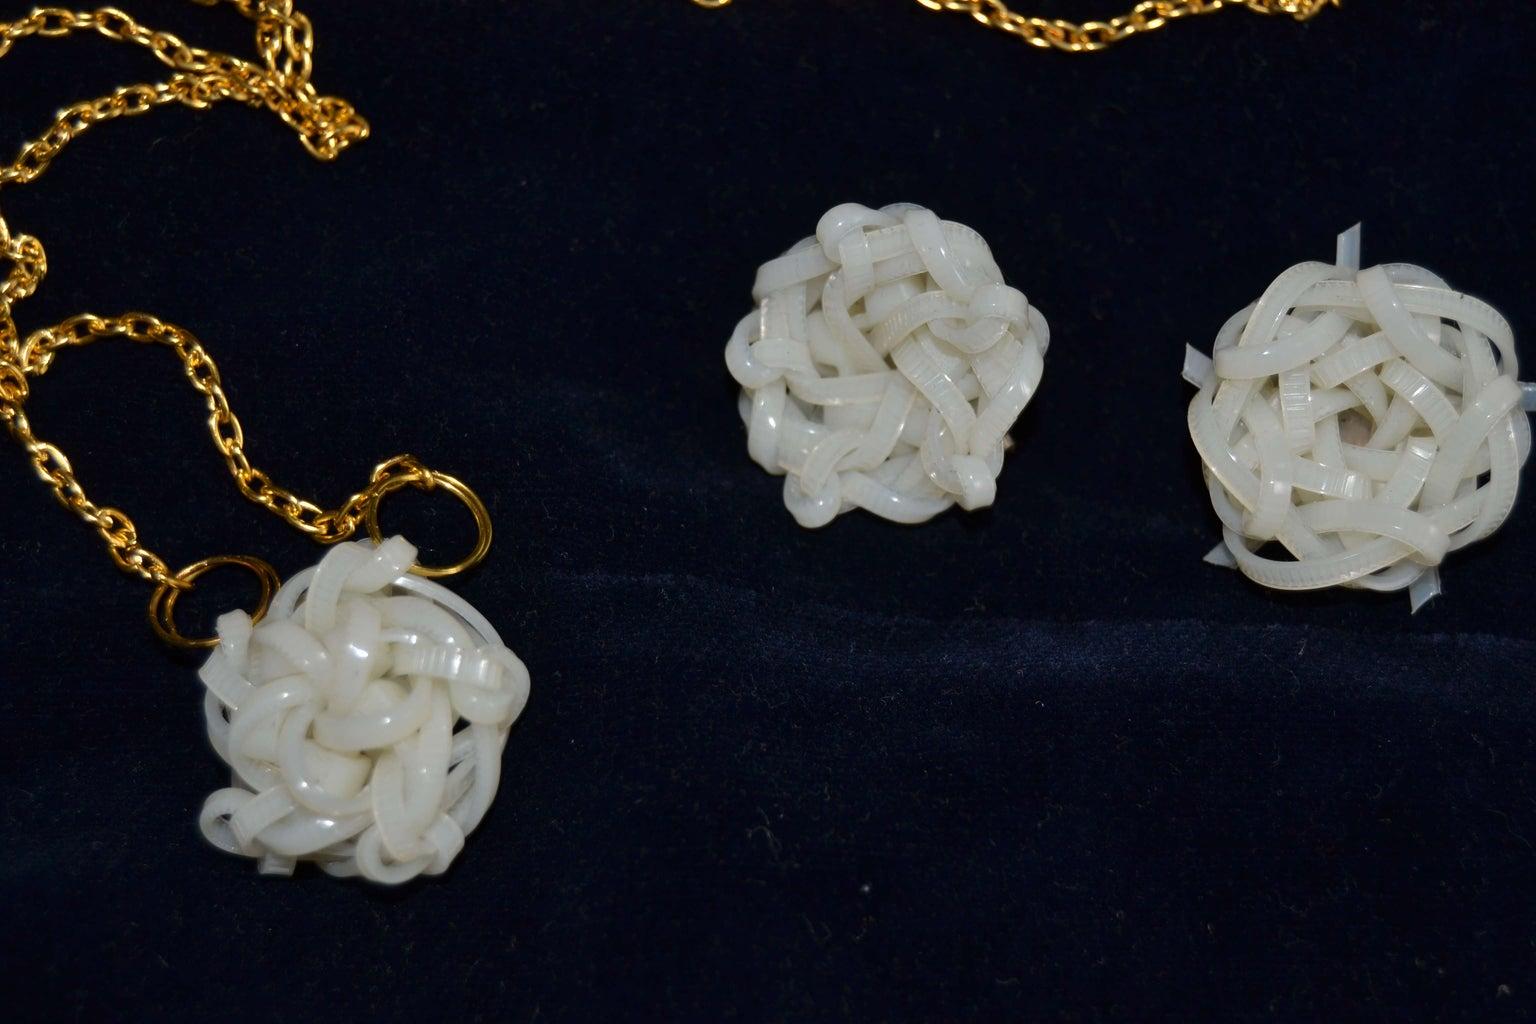 Zip Tie Jewelry